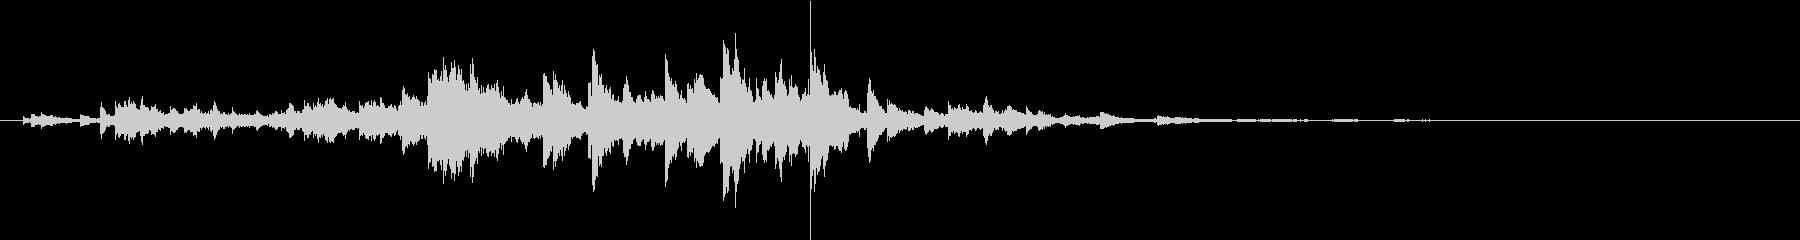 音侍SE「キラキラリーン」小ぶりベル_2の未再生の波形